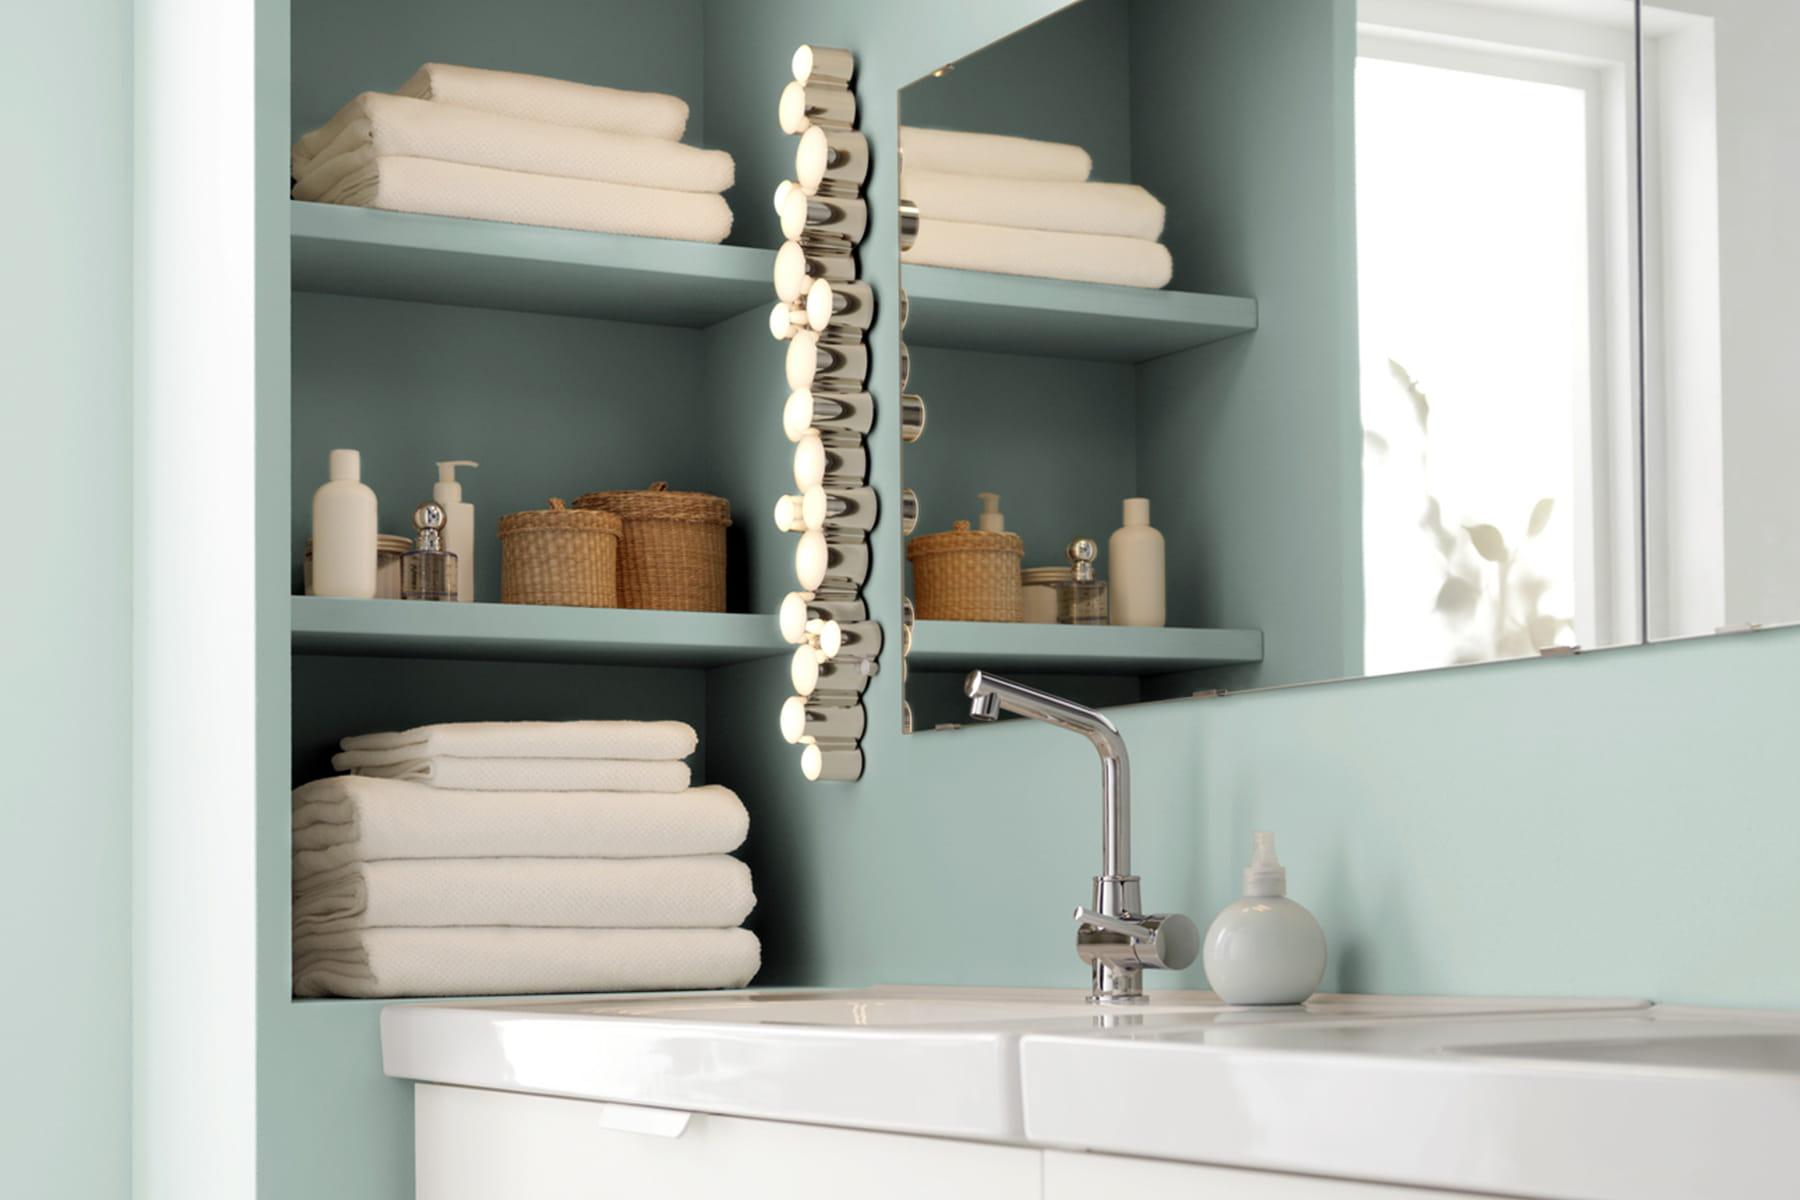 des tag res dans le mur des produits malins pour am nager une petite salle de bains linternaute. Black Bedroom Furniture Sets. Home Design Ideas